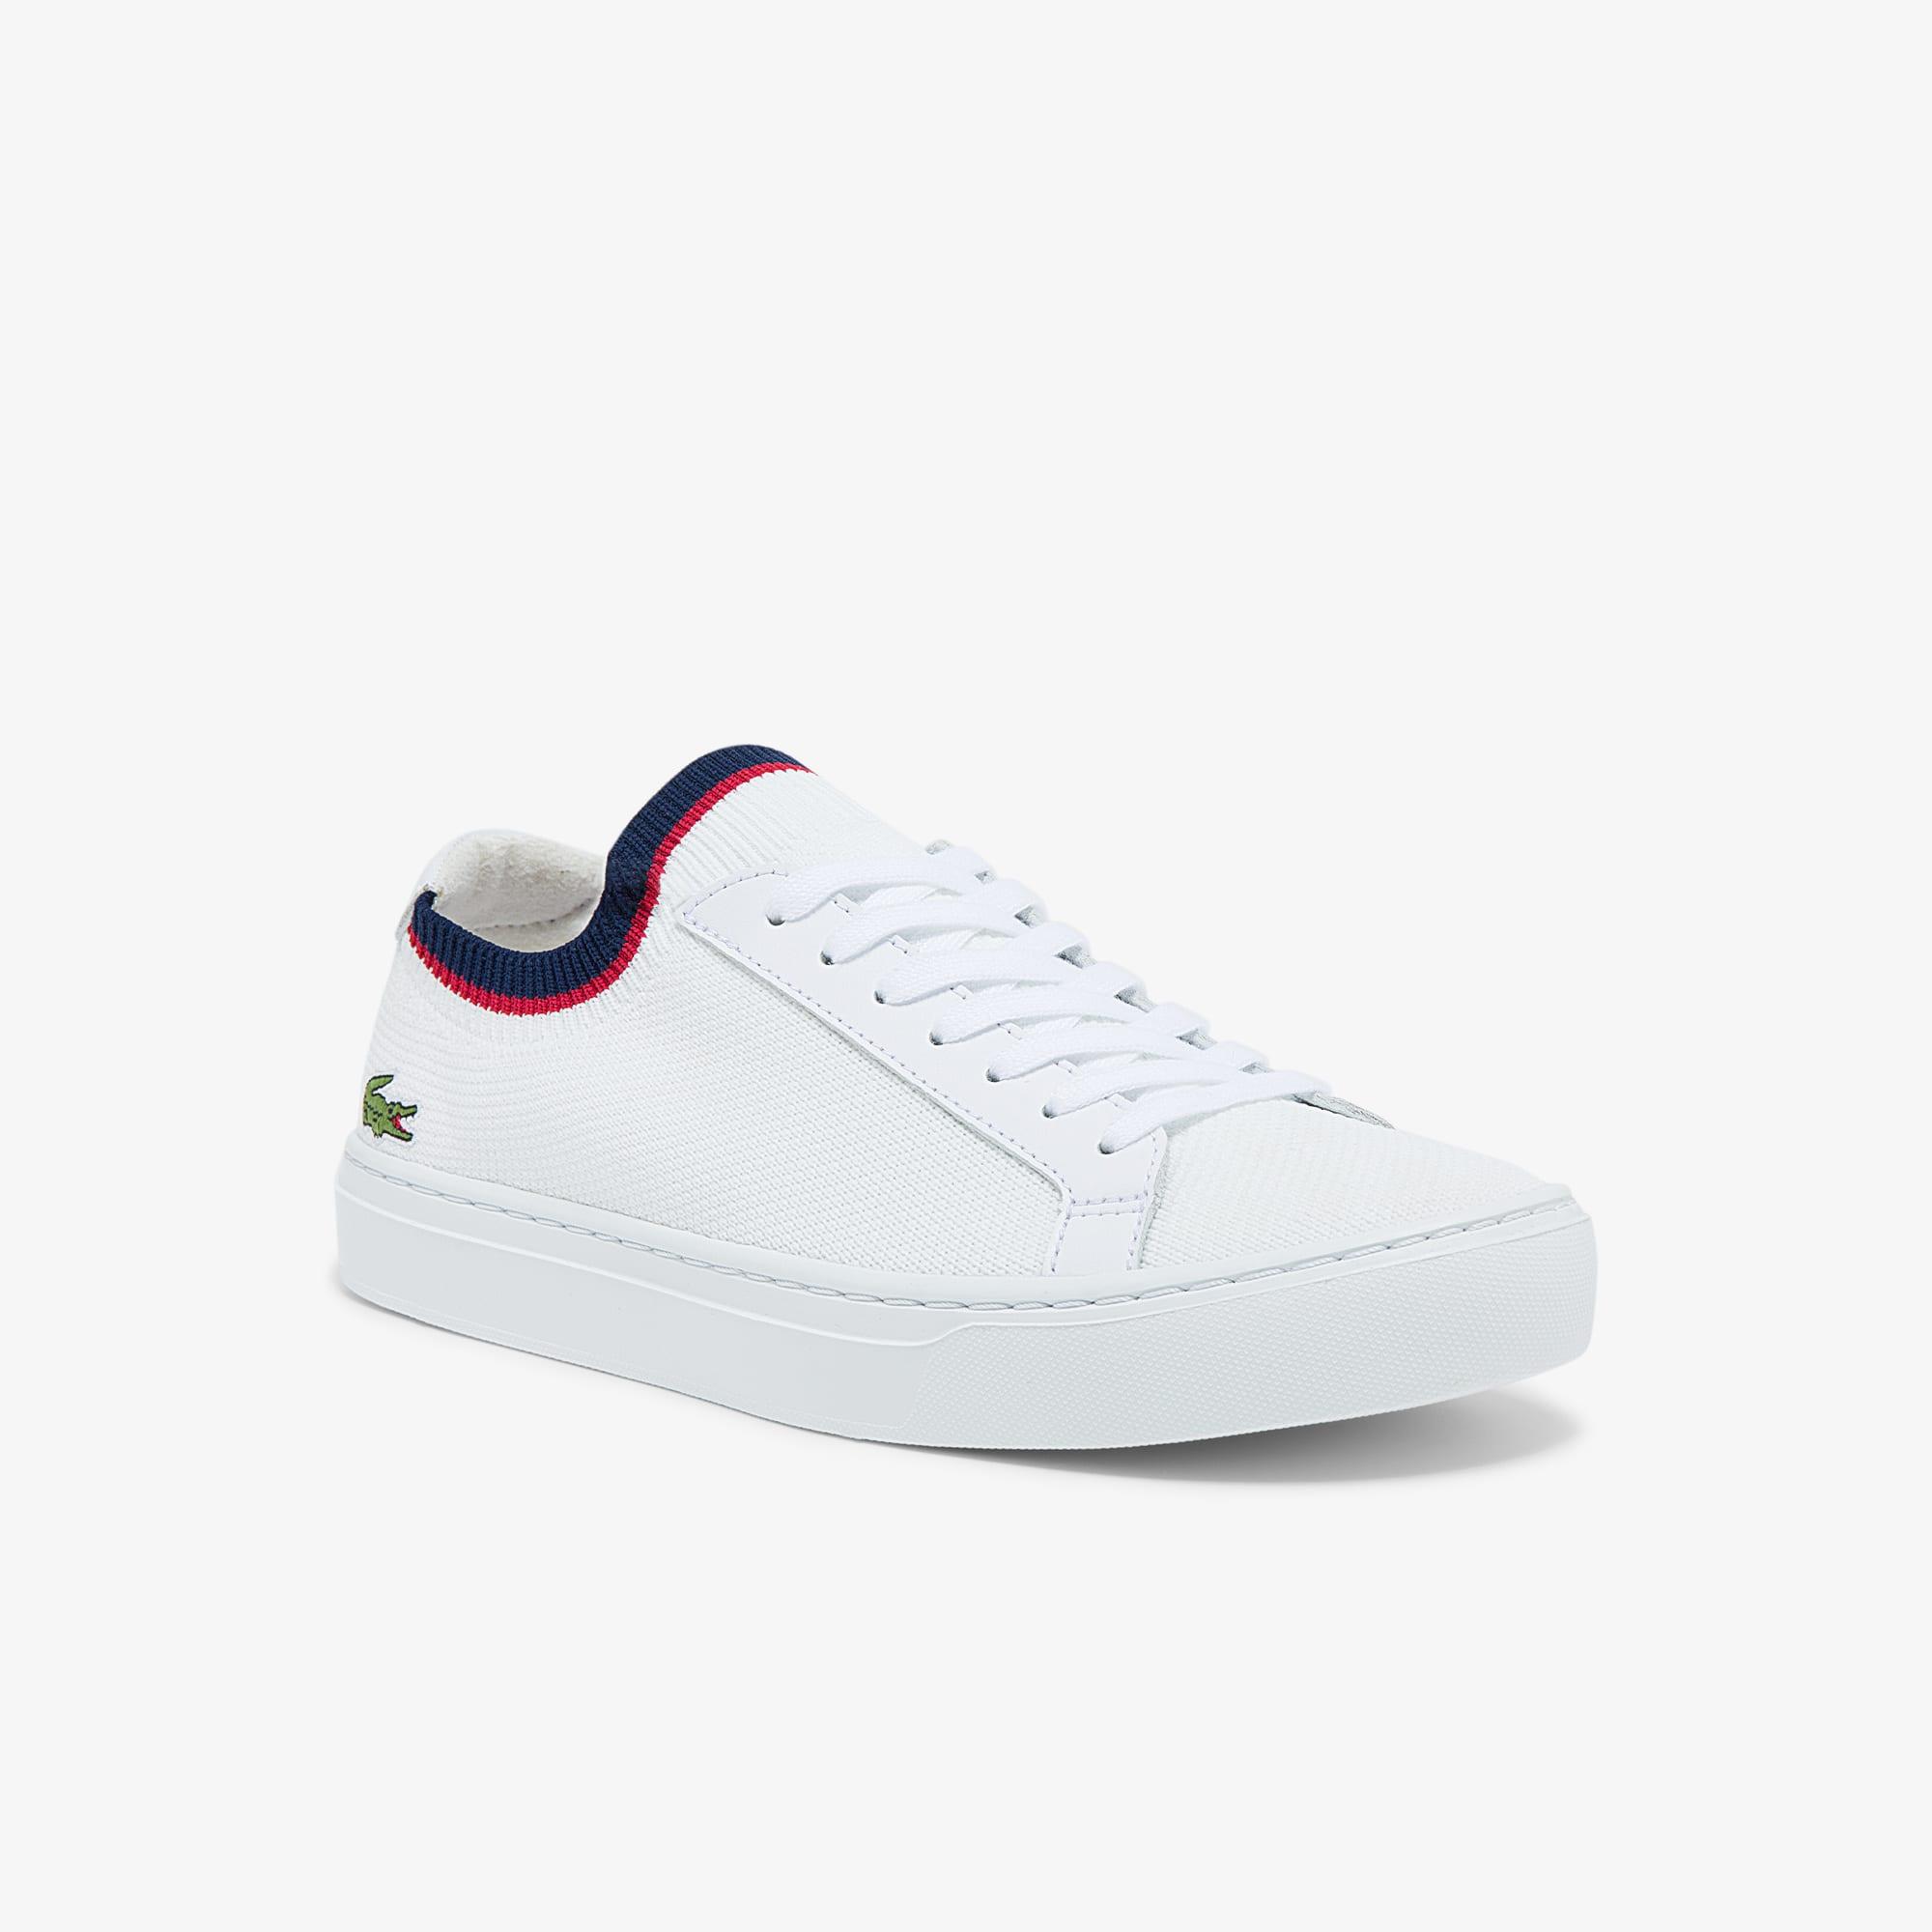 a1690a7e10abf Coleção de calçado